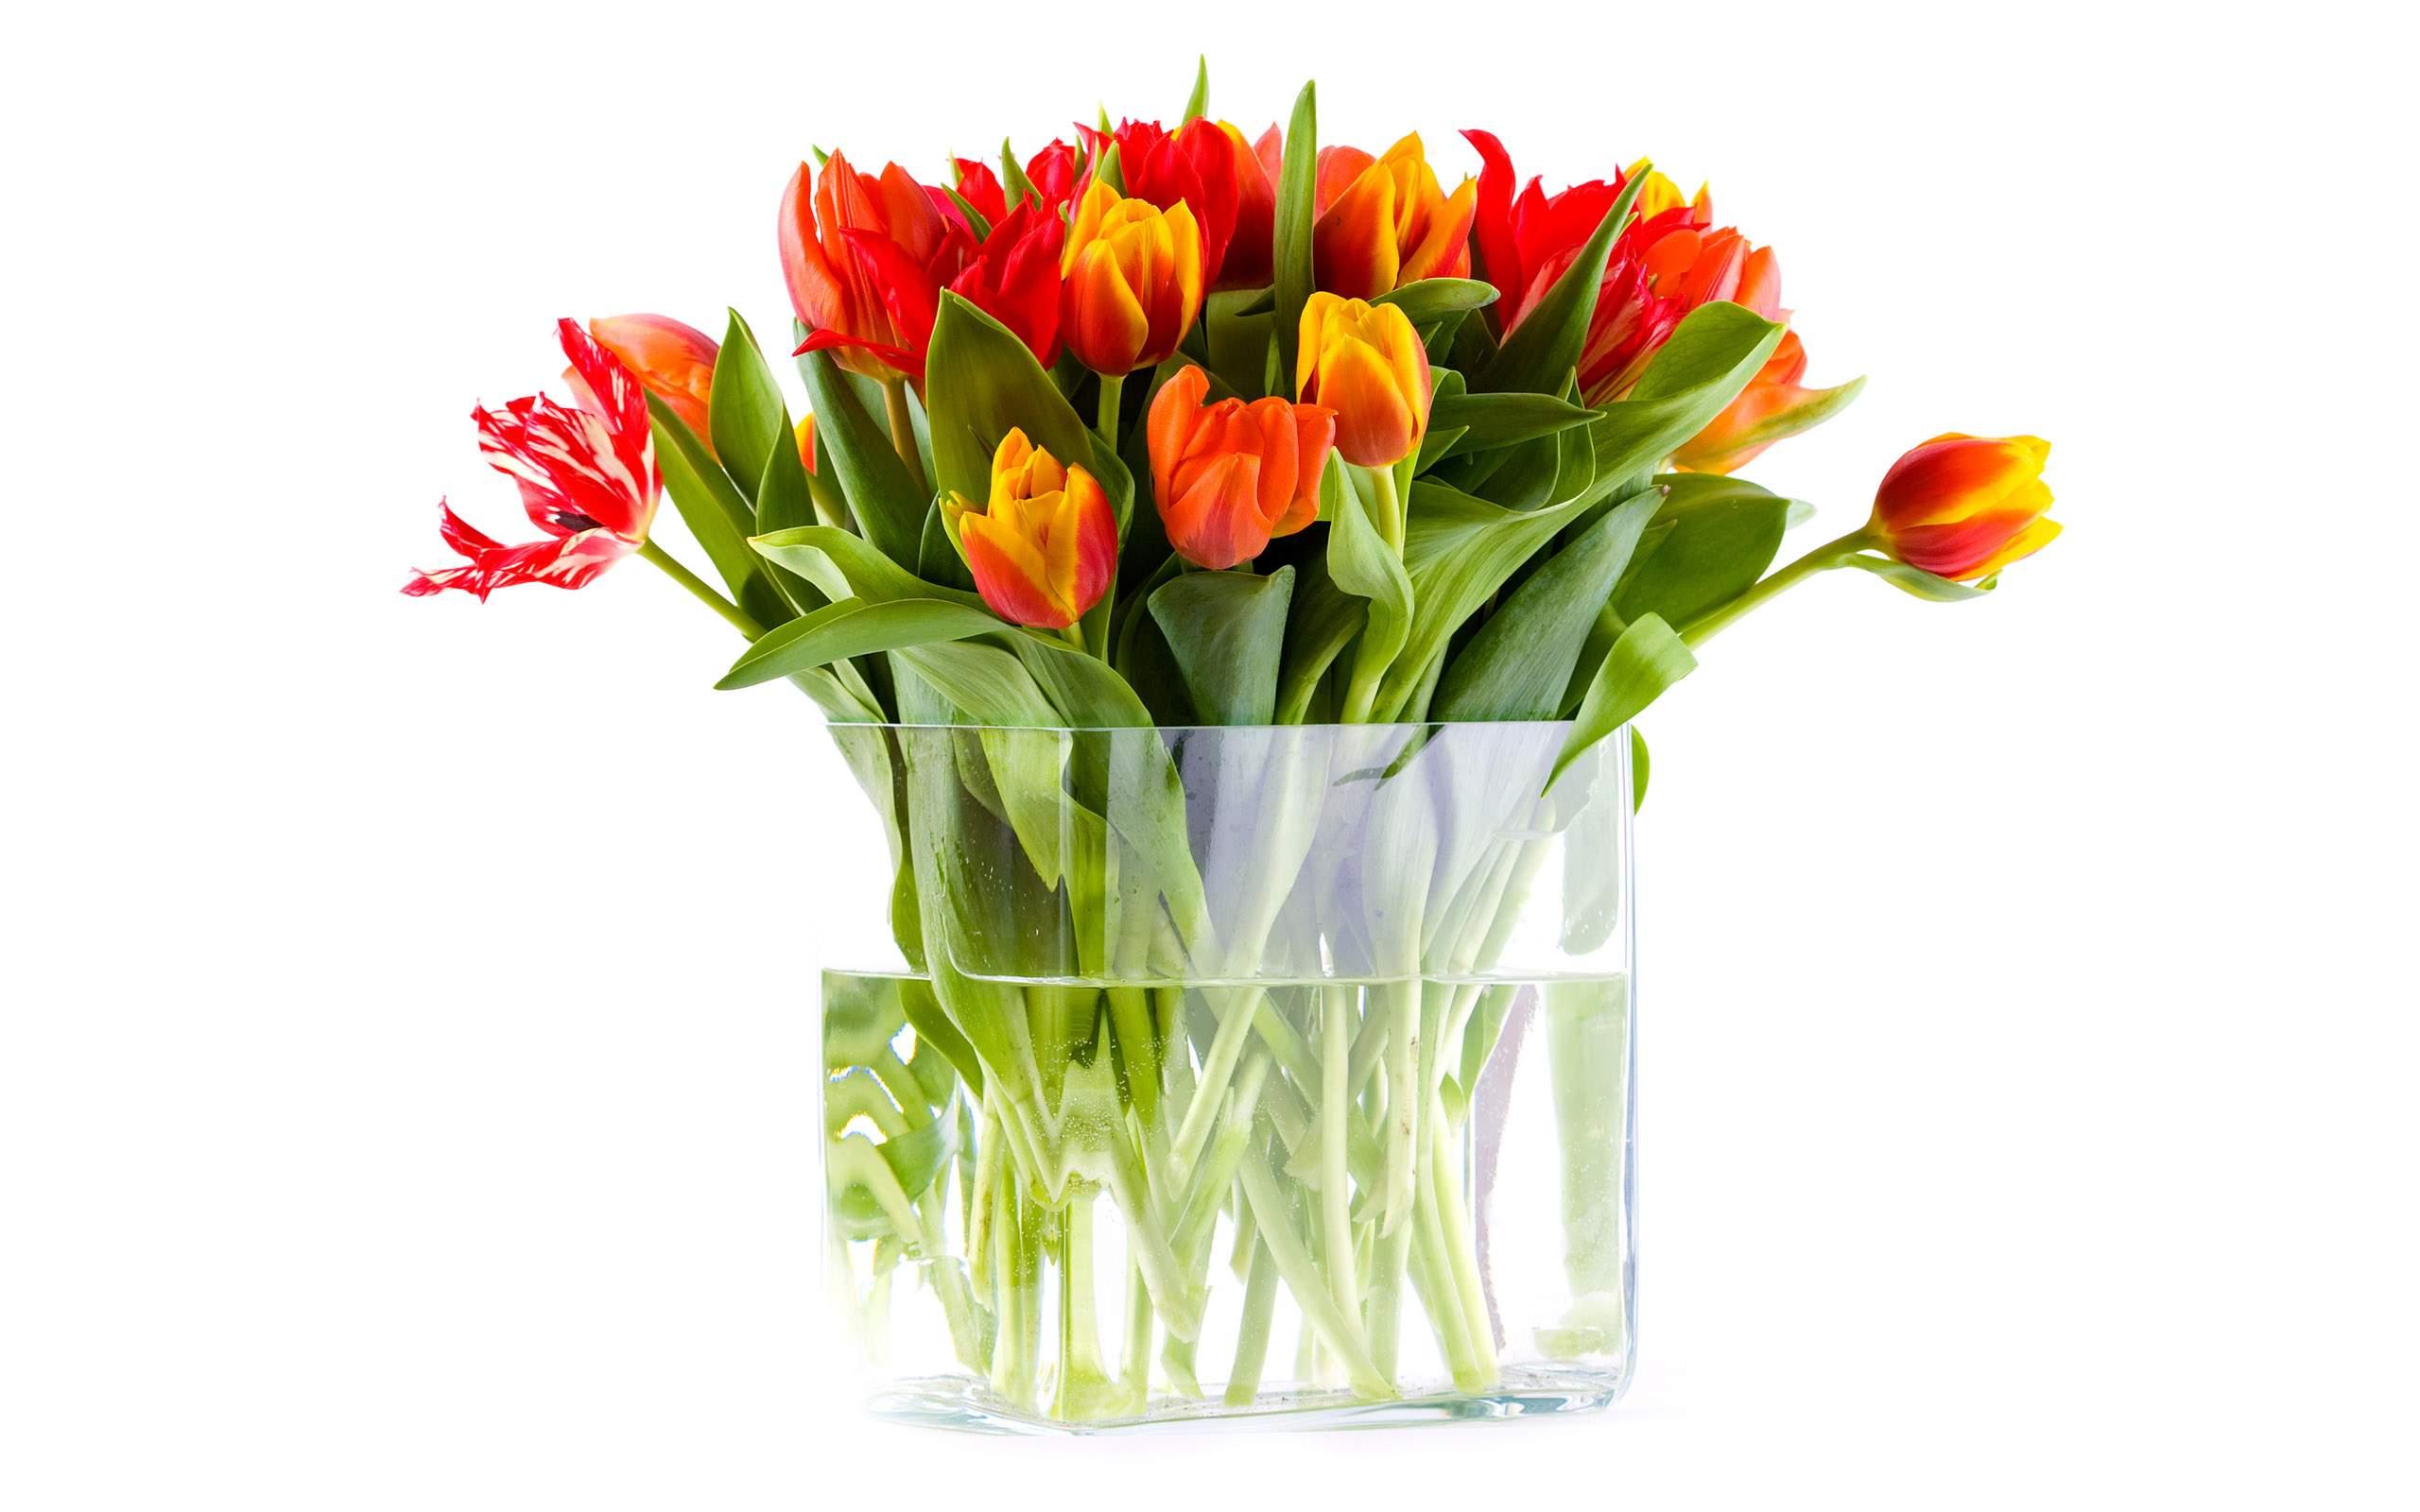 тюльпаны ваза море  № 1012884 загрузить